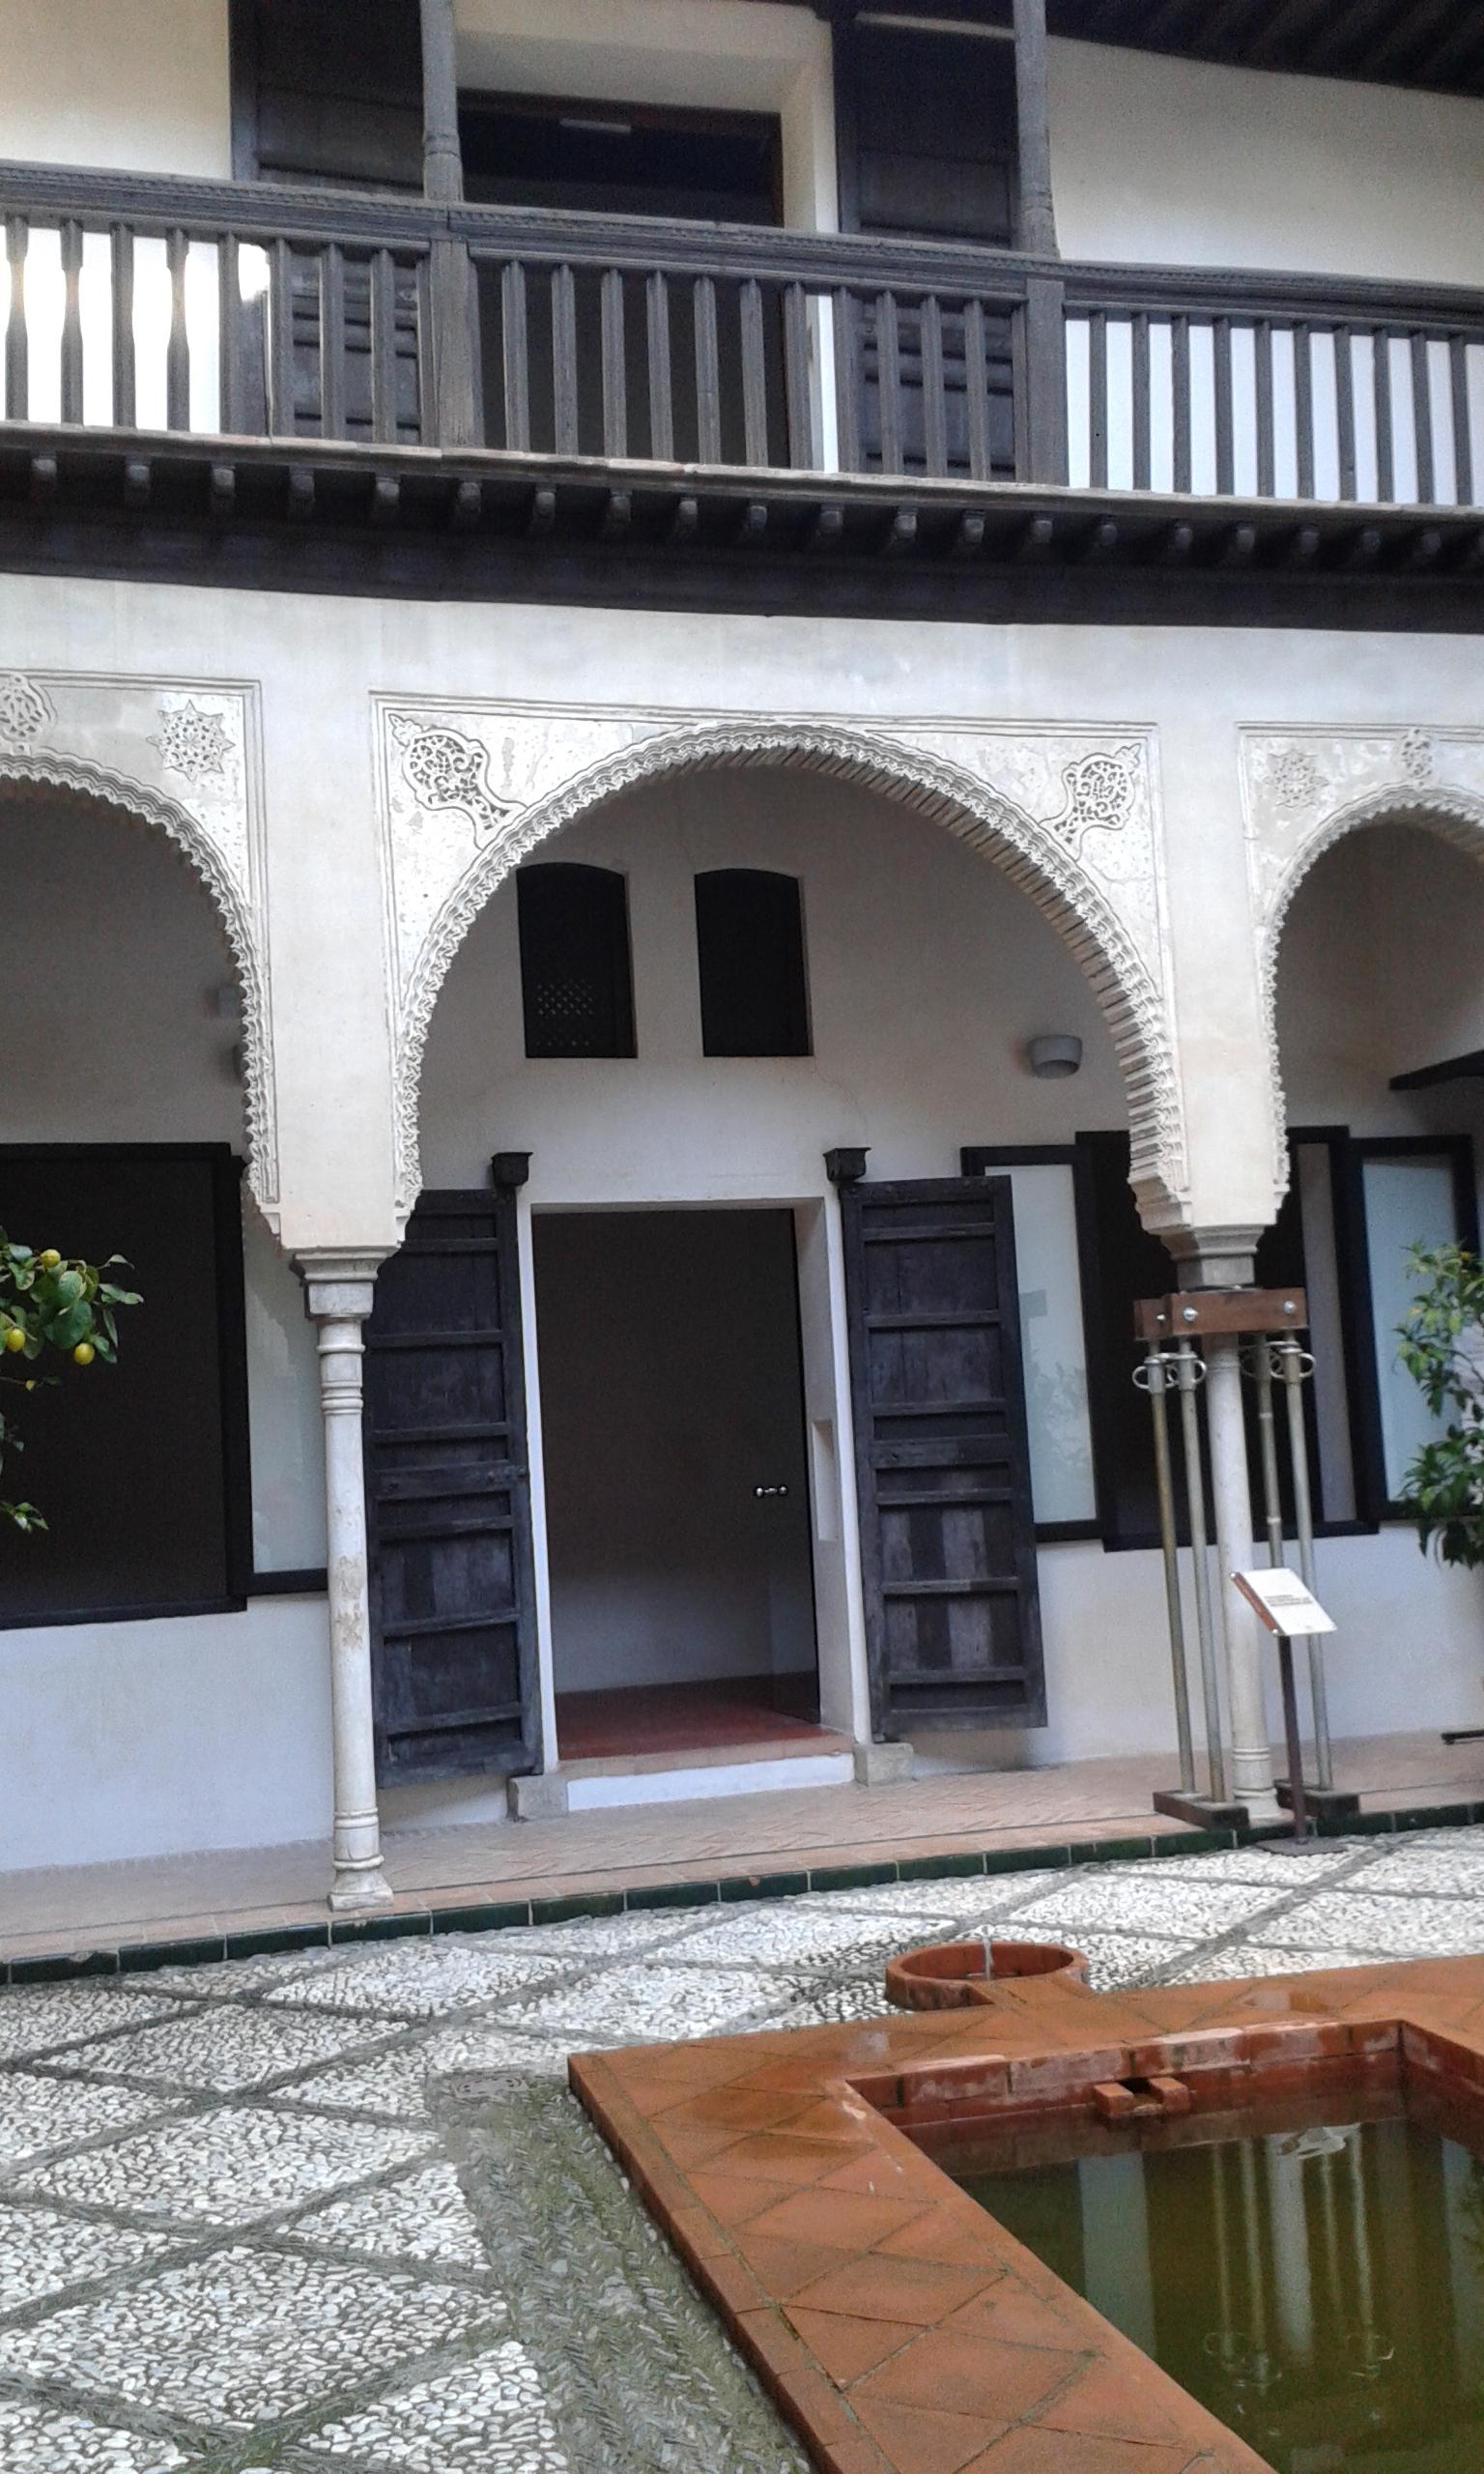 Casa de horno de oro itinere blog - Casa horno de oro ...